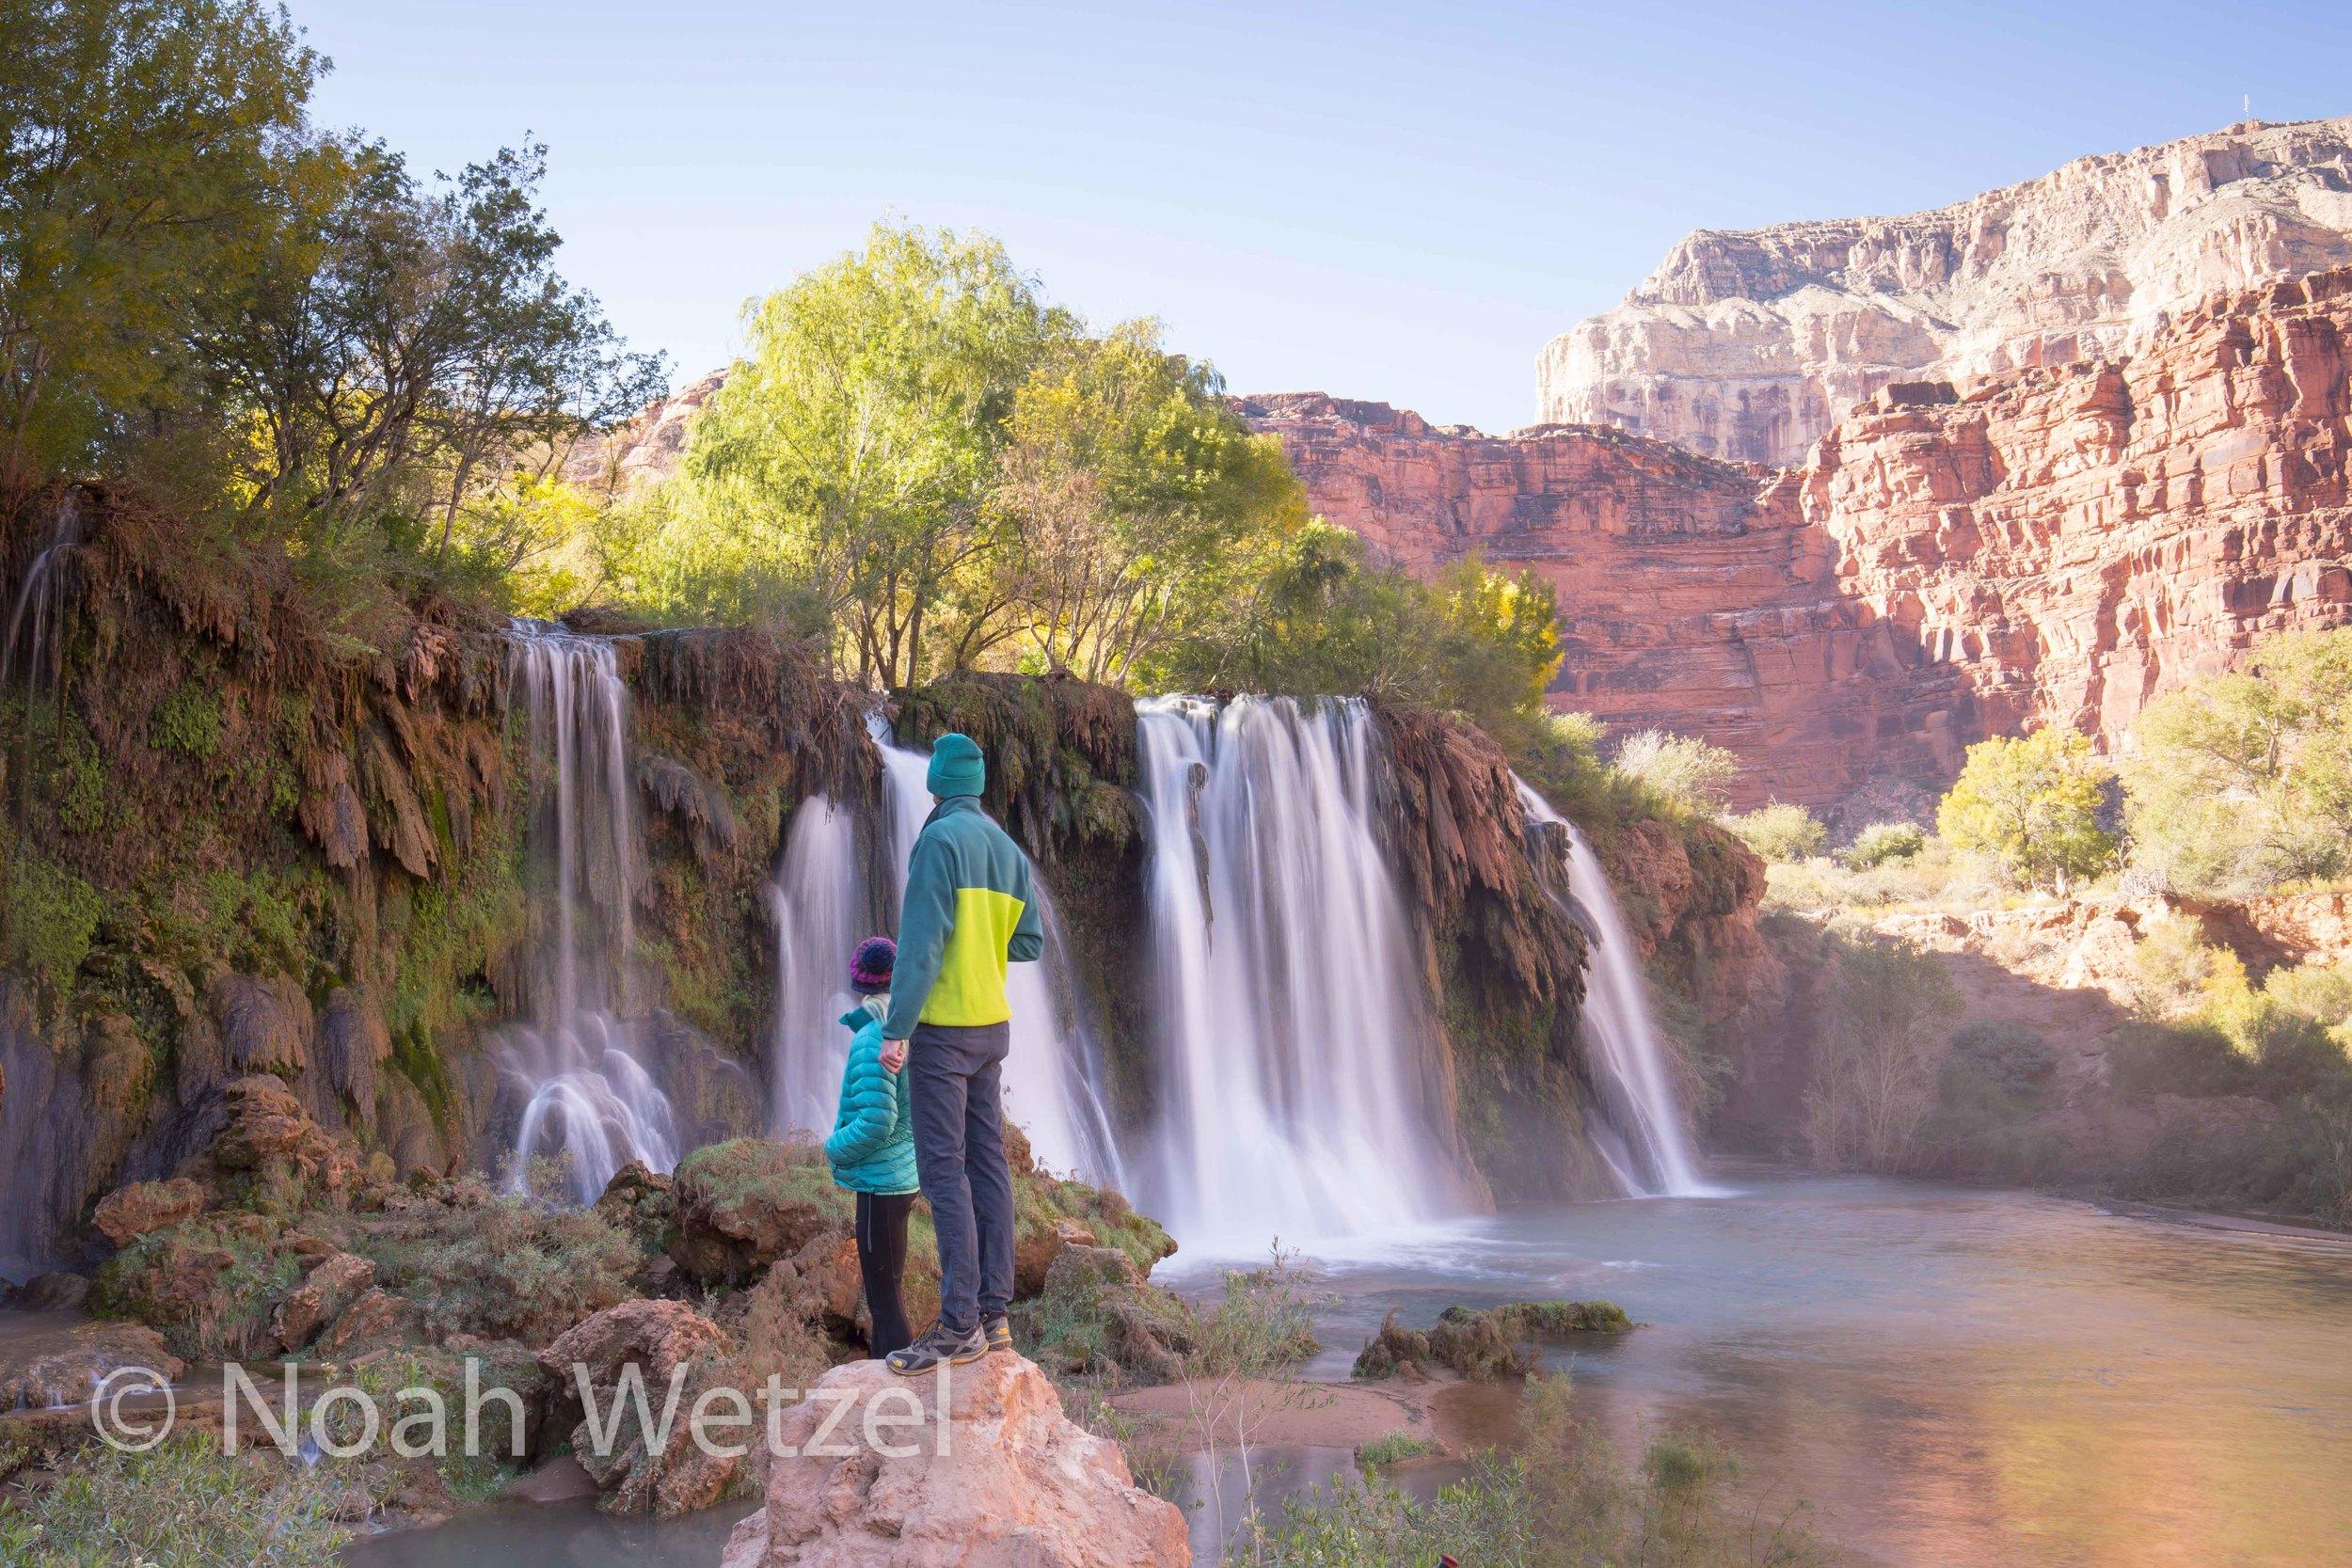 Jerome and Rachel overlooking Hidden Falls. Supai, Arizona